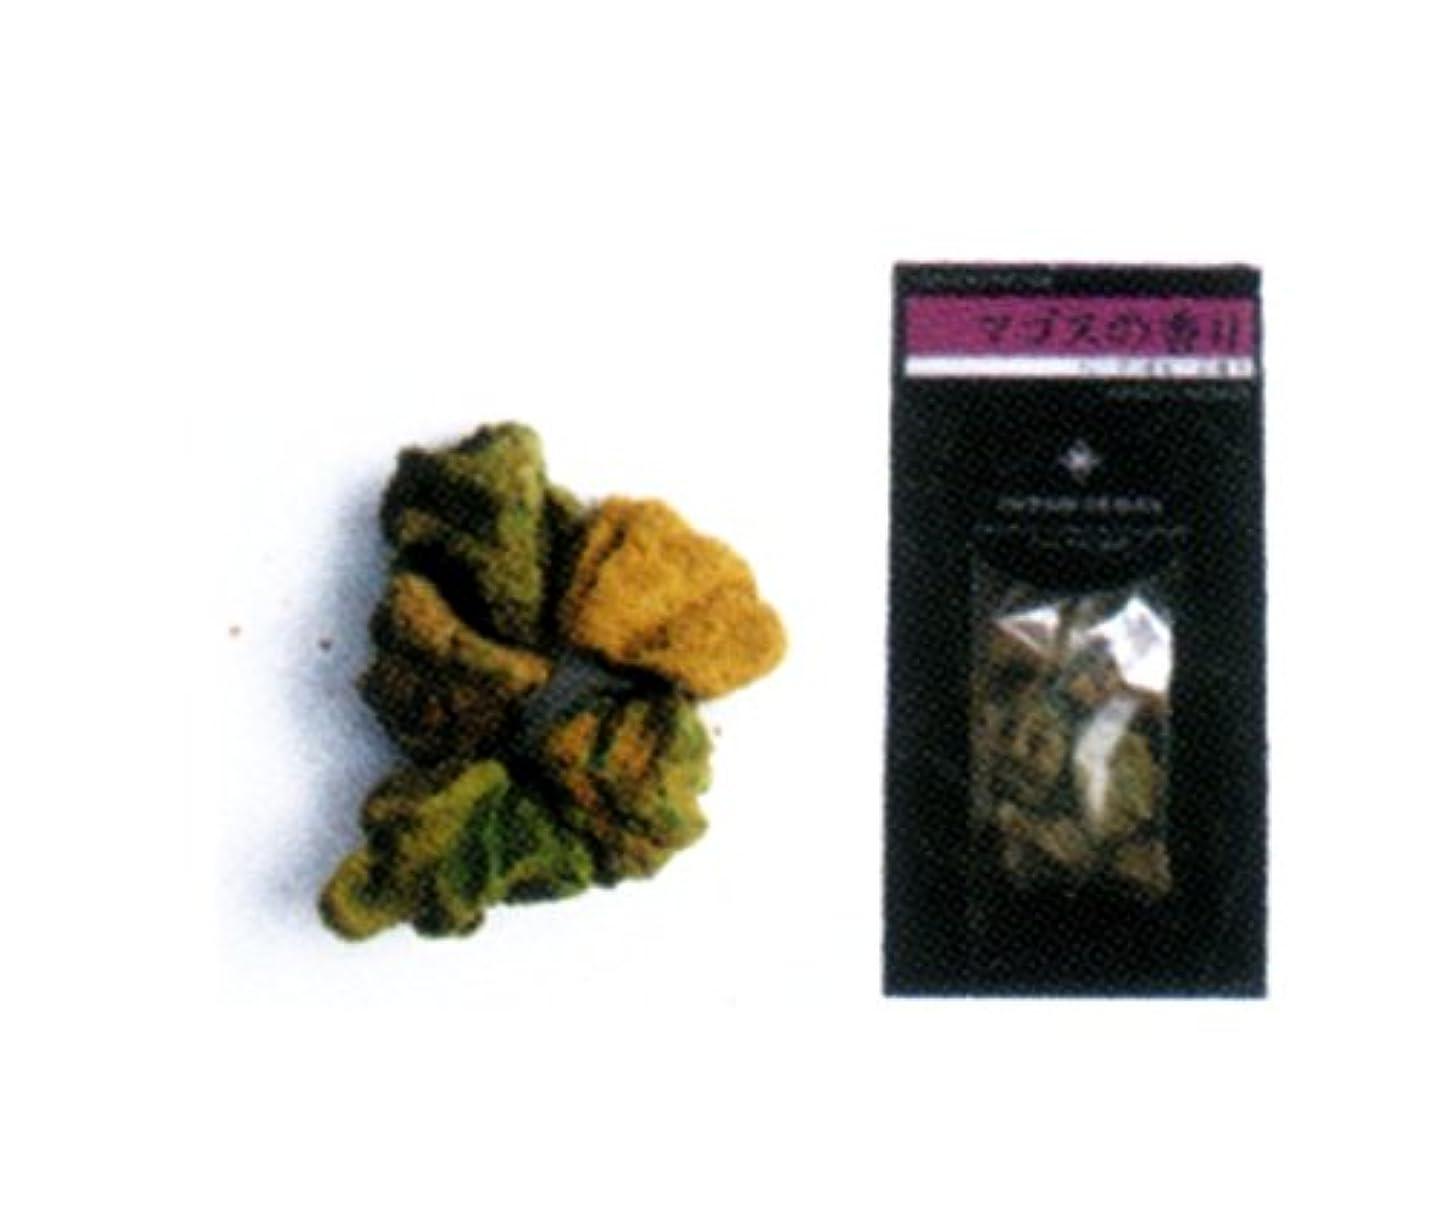 排除側面トリムインセンスヘブン(100%天然手作りのお香) マゴスの香り